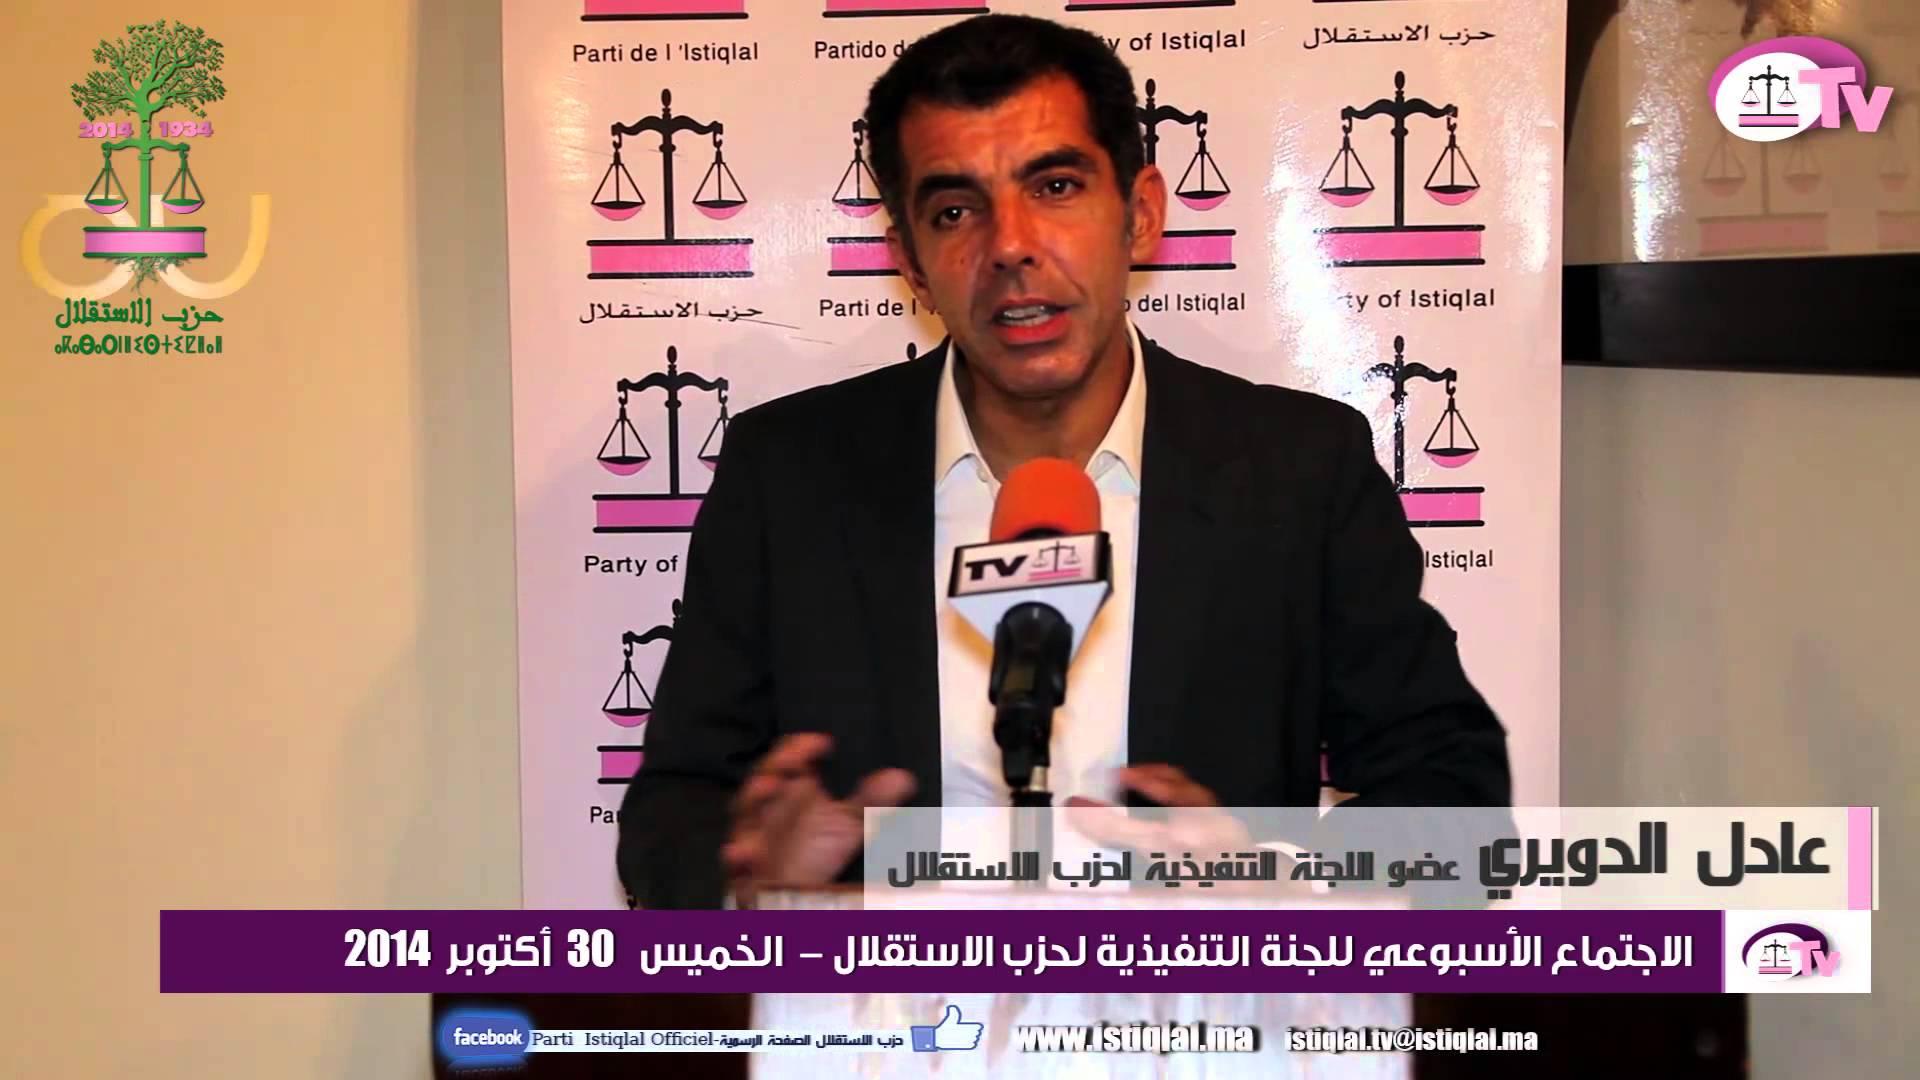 حزب الاستقلال والإضراب في المغرب